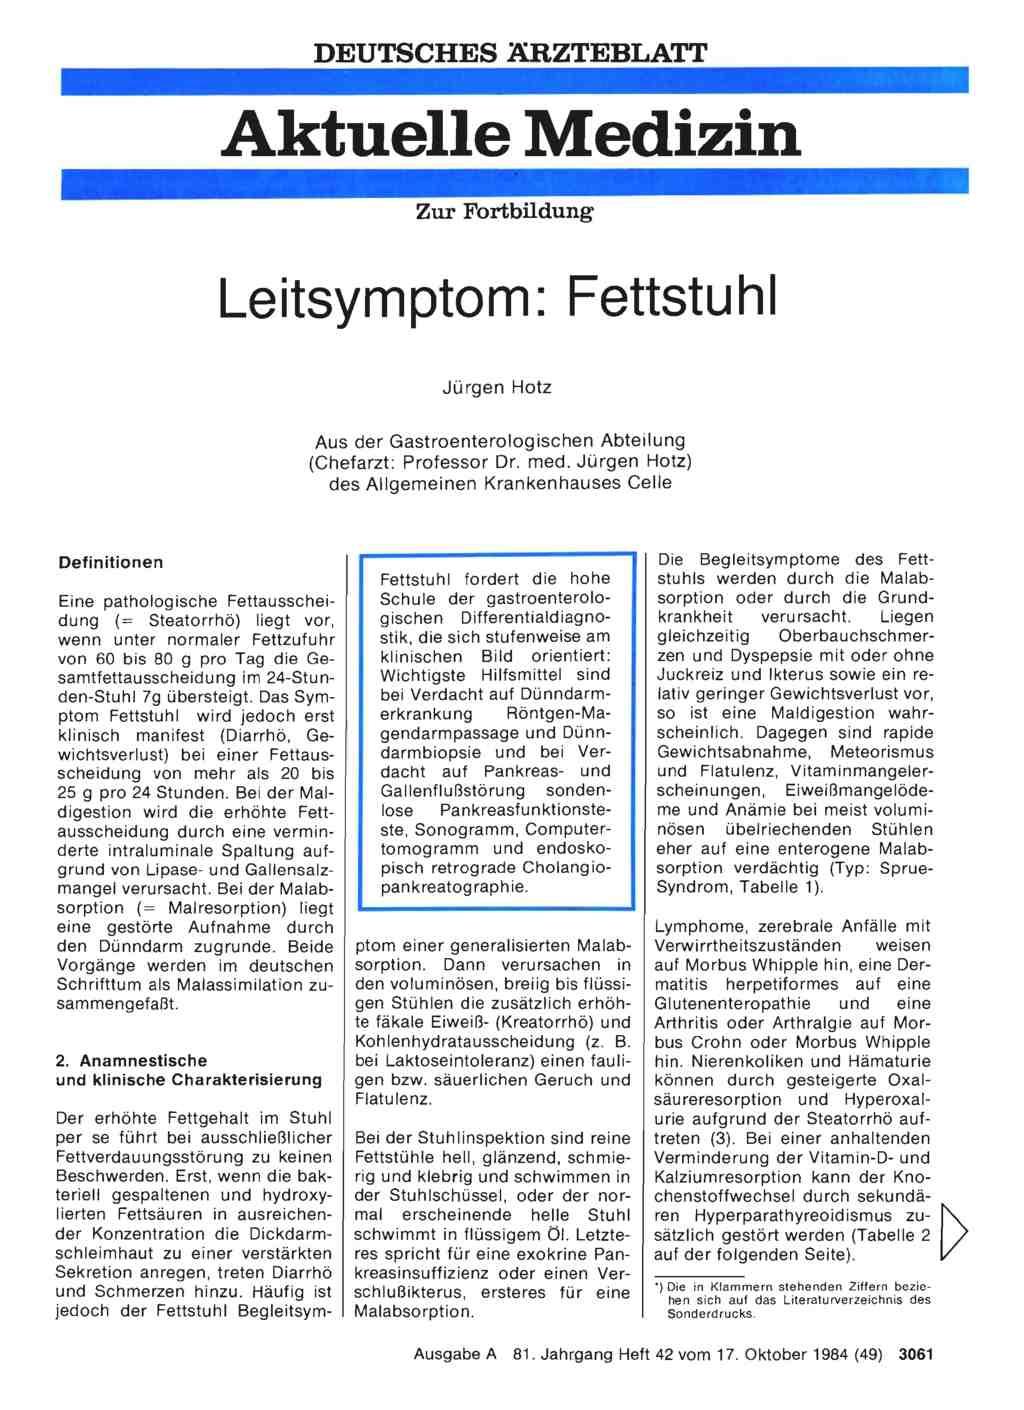 Leitsymptom Fettstuhl